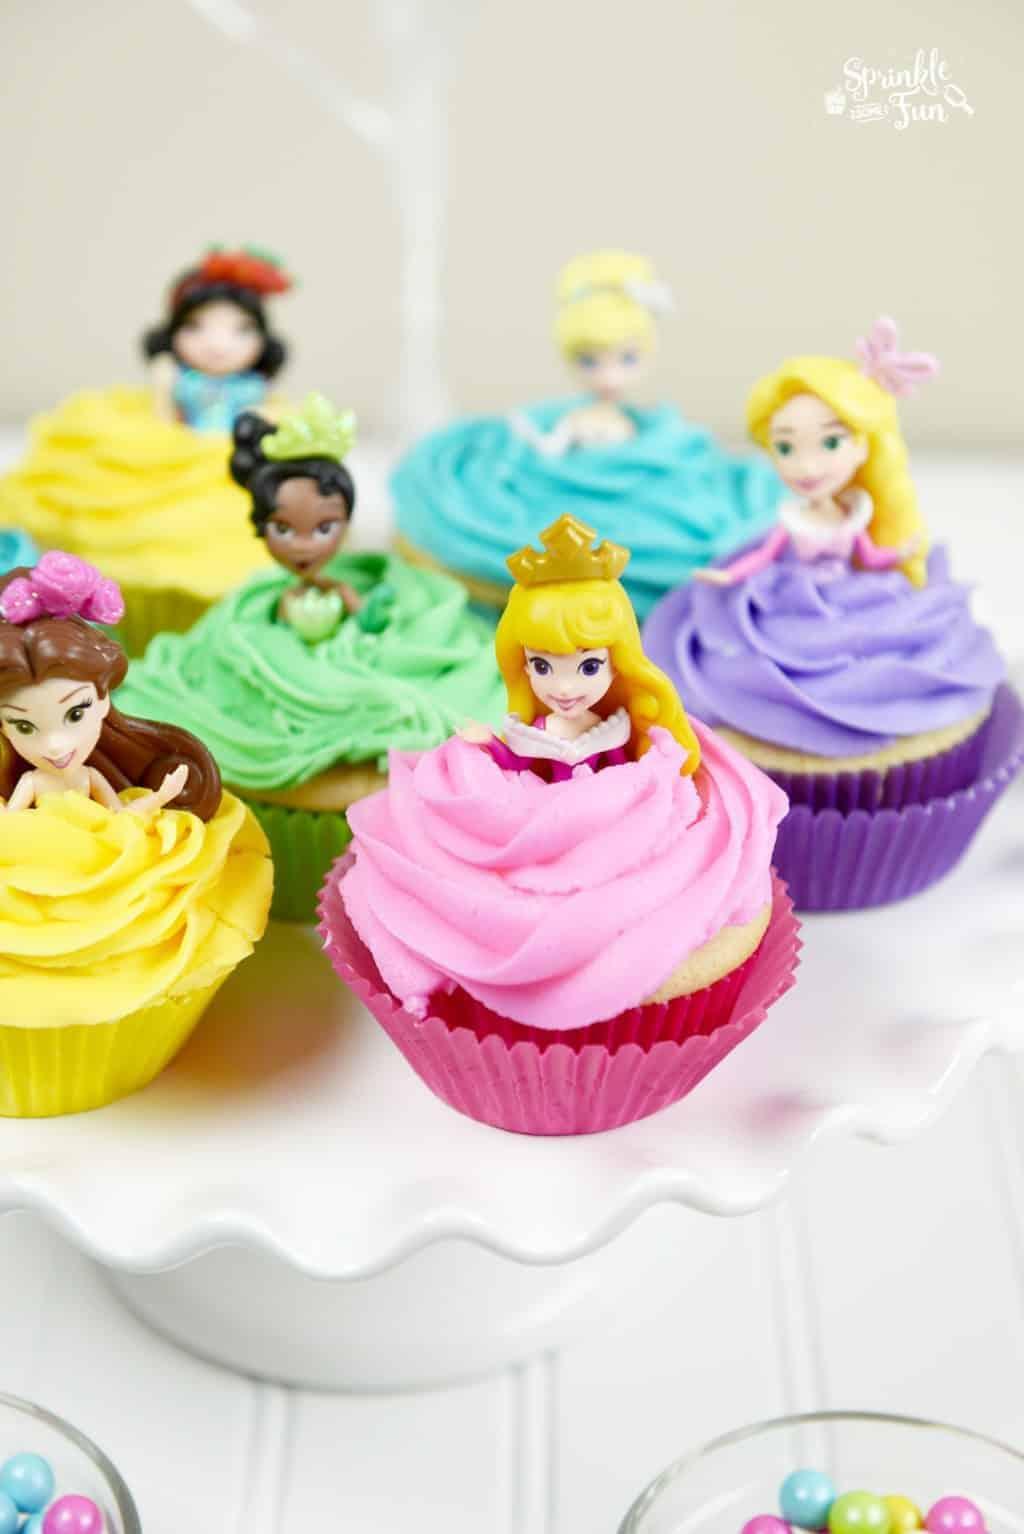 Princess Dress Cupcakes!